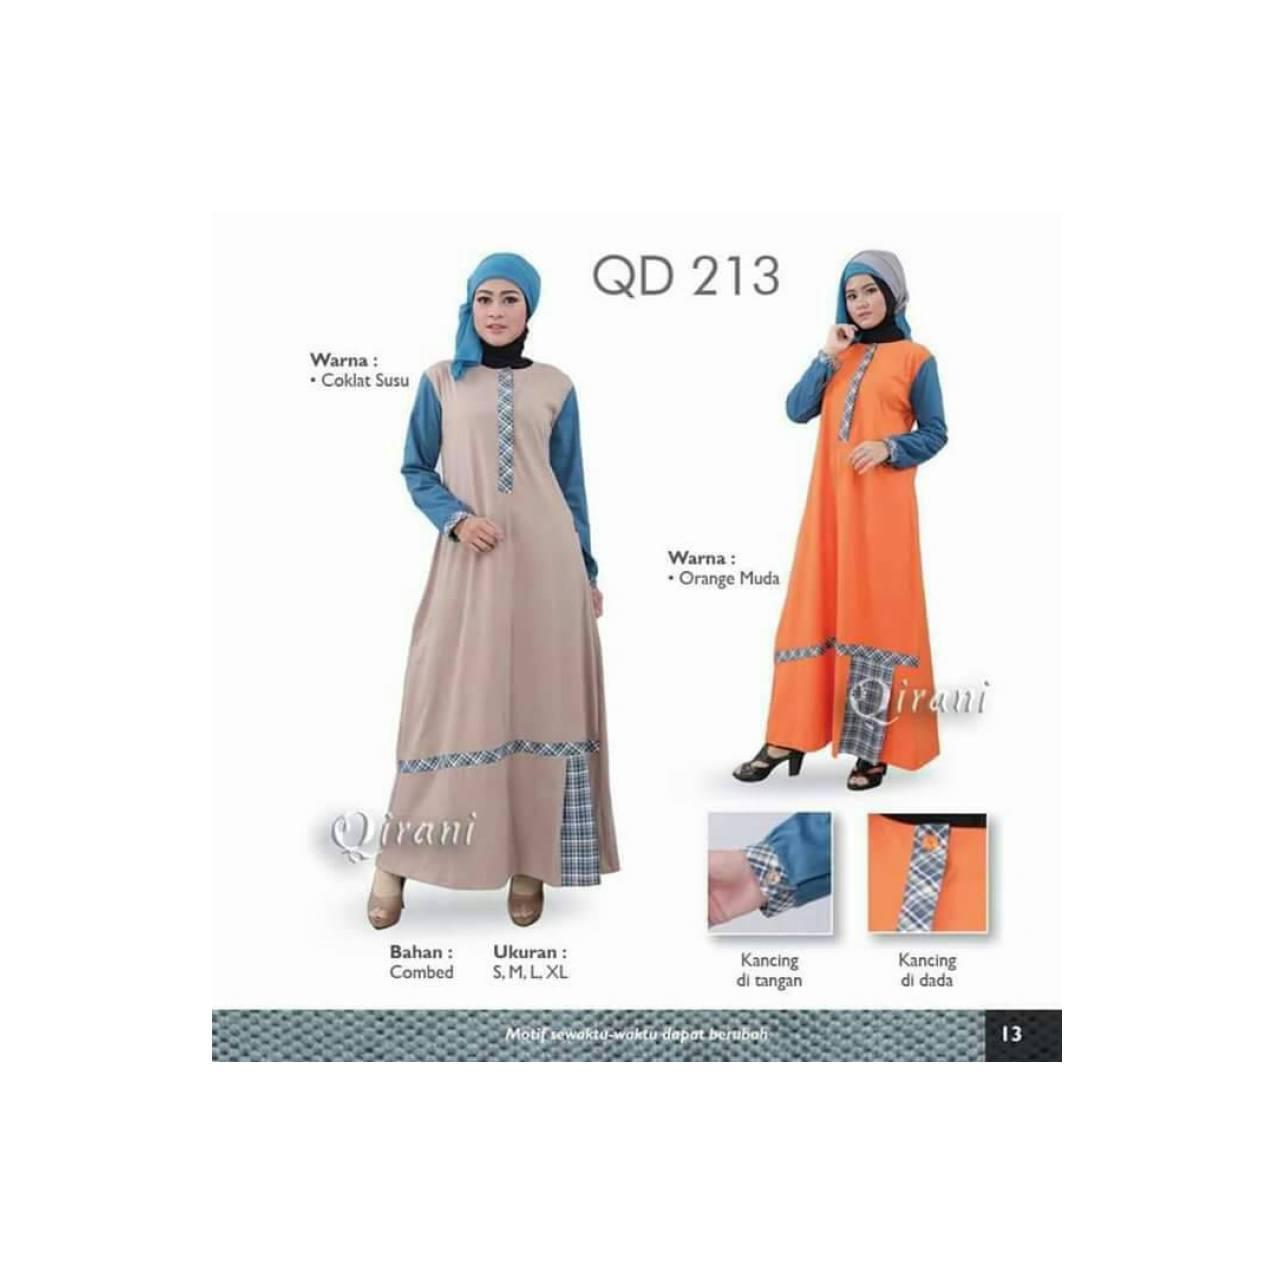 DRESS MUSLIM QIRANI QD 213 - GAMIS SEHARI-HARI/BAJU MUSLIM